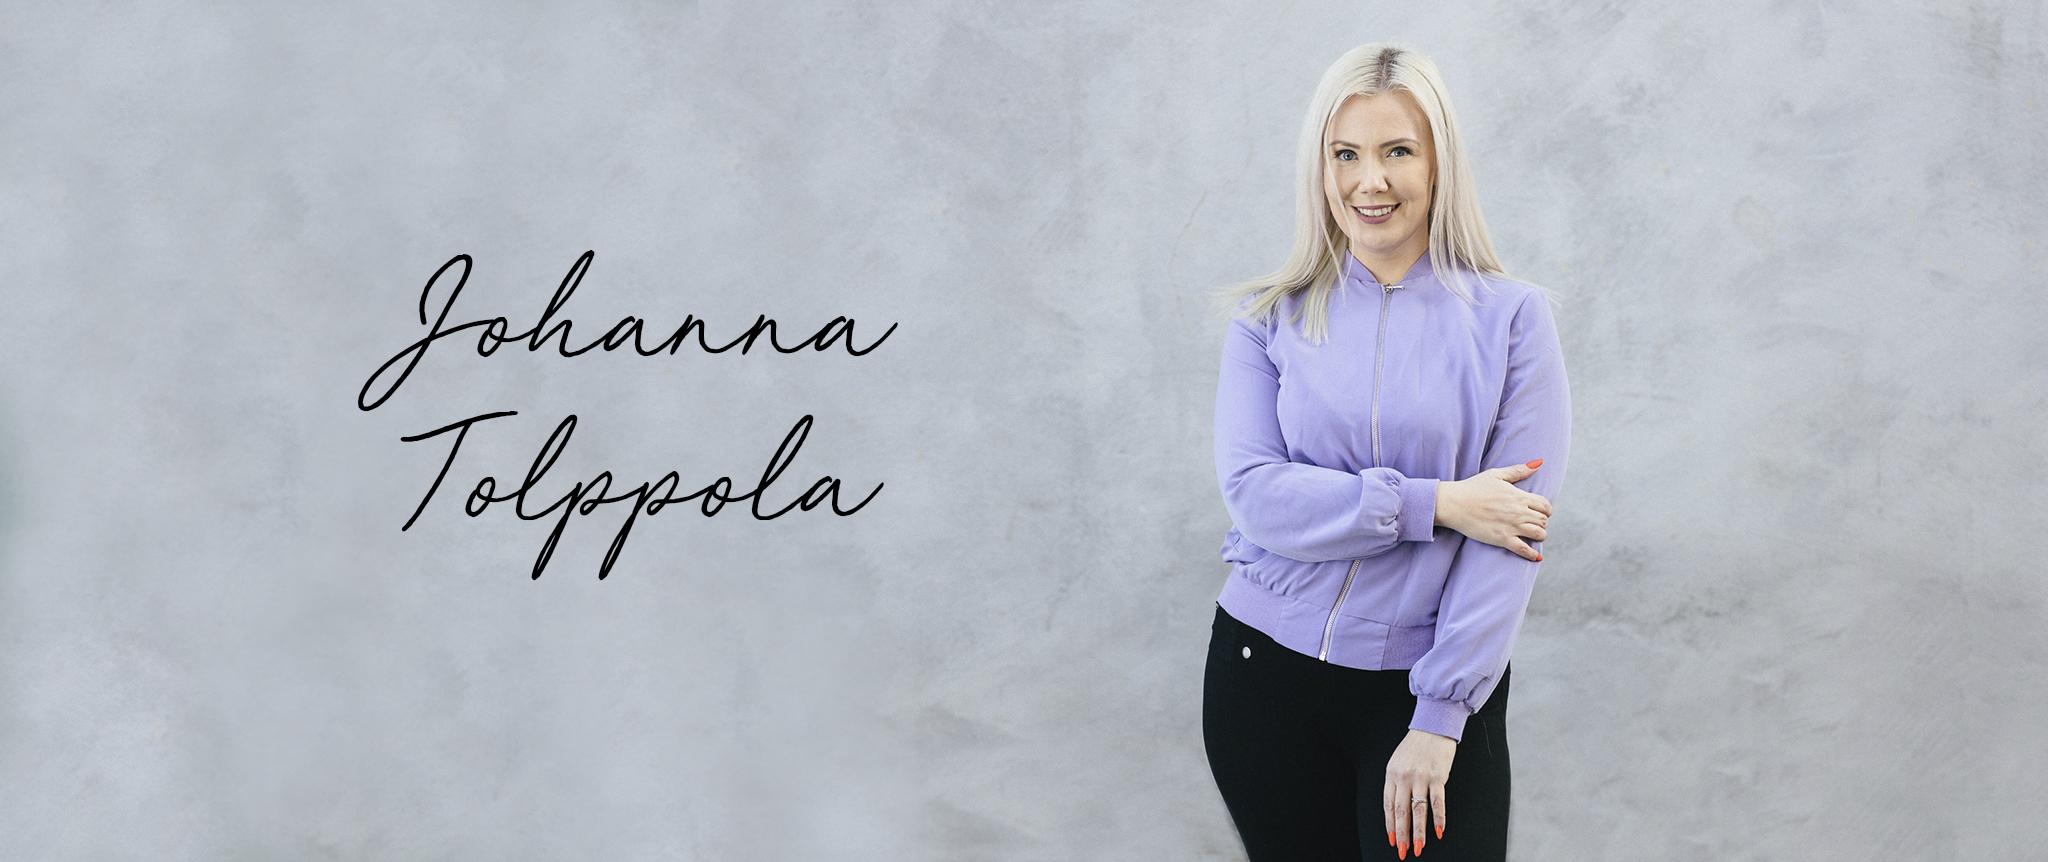 Johanna Tolppola